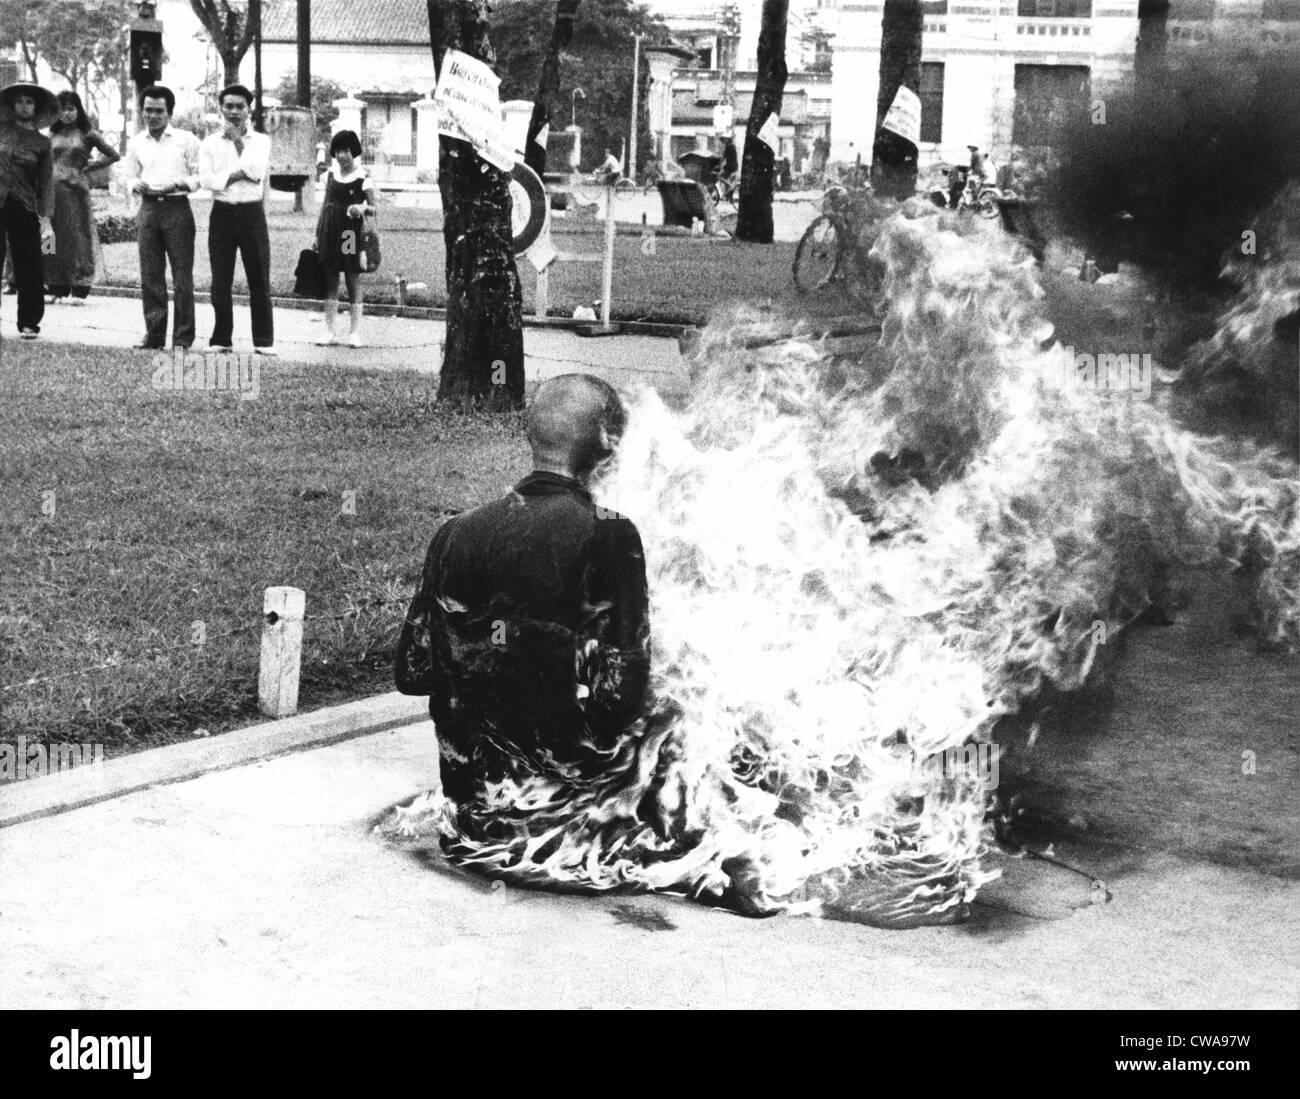 Un jeune moine bouddhiste est brulé à mort dans la place du marché de Saigon, pour protester contre la politiques religieuses du gouvernement. 1963. Banque D'Images